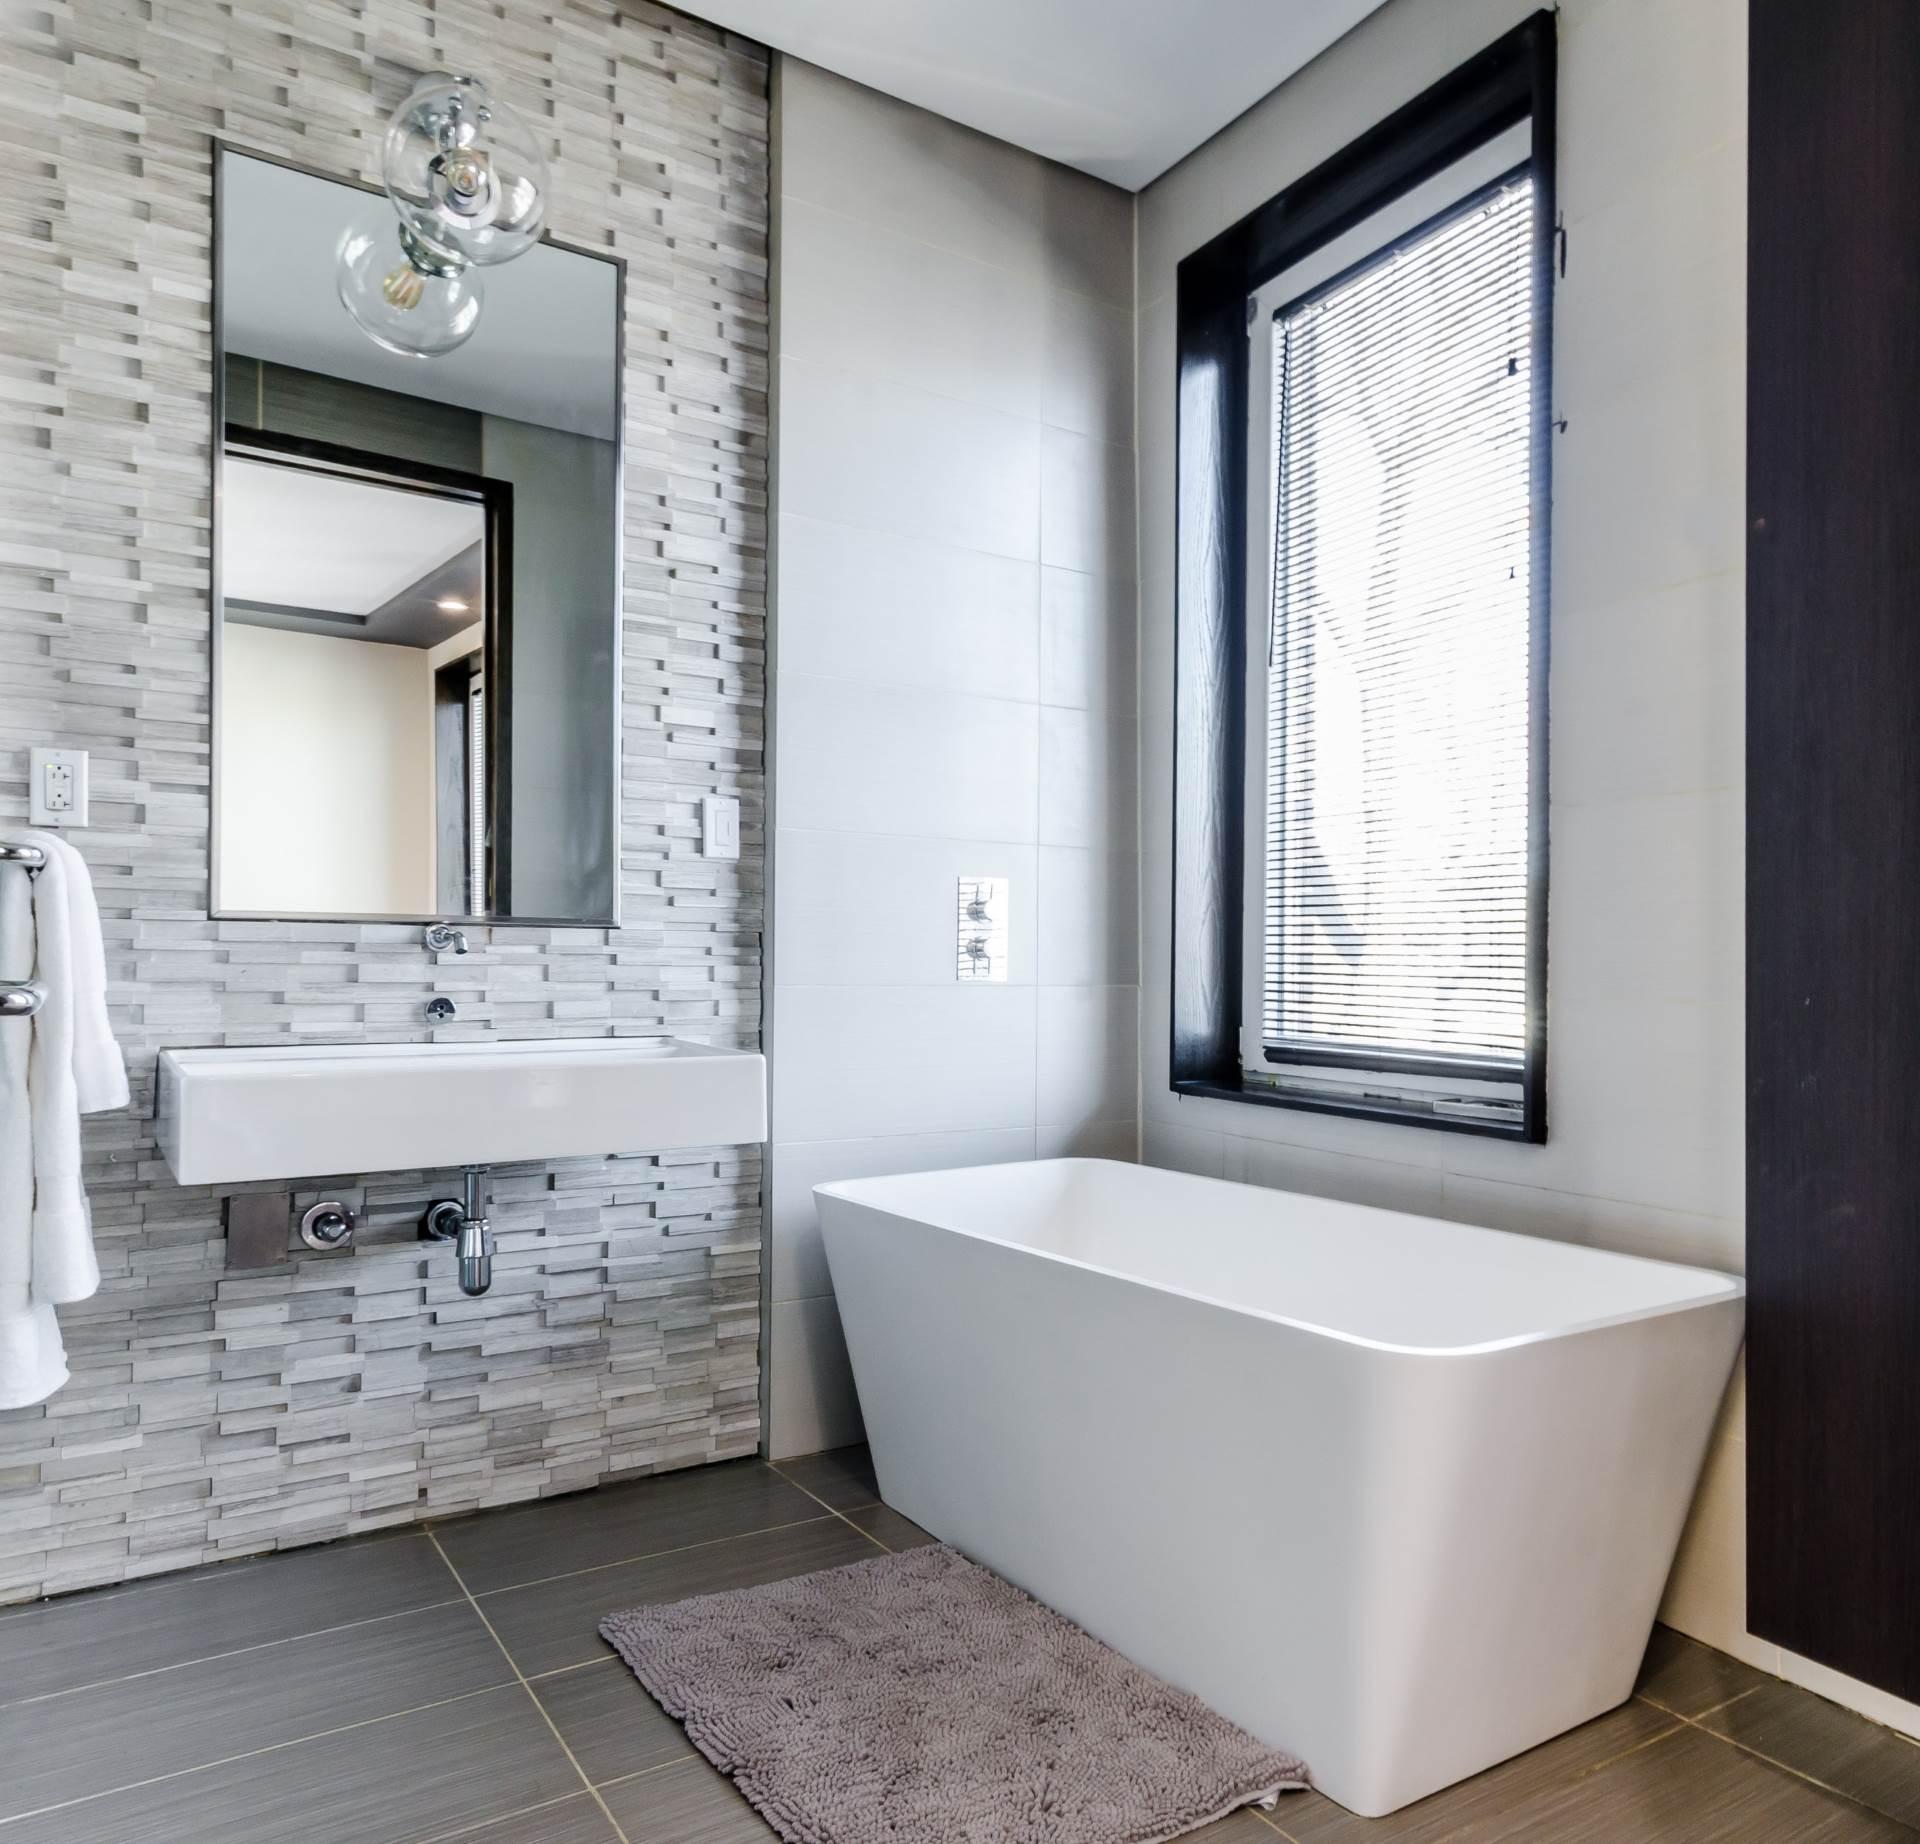 Salle de bain blanche bain carrée rénovation autoconstruction flip maison Visiondici Magog Quebec